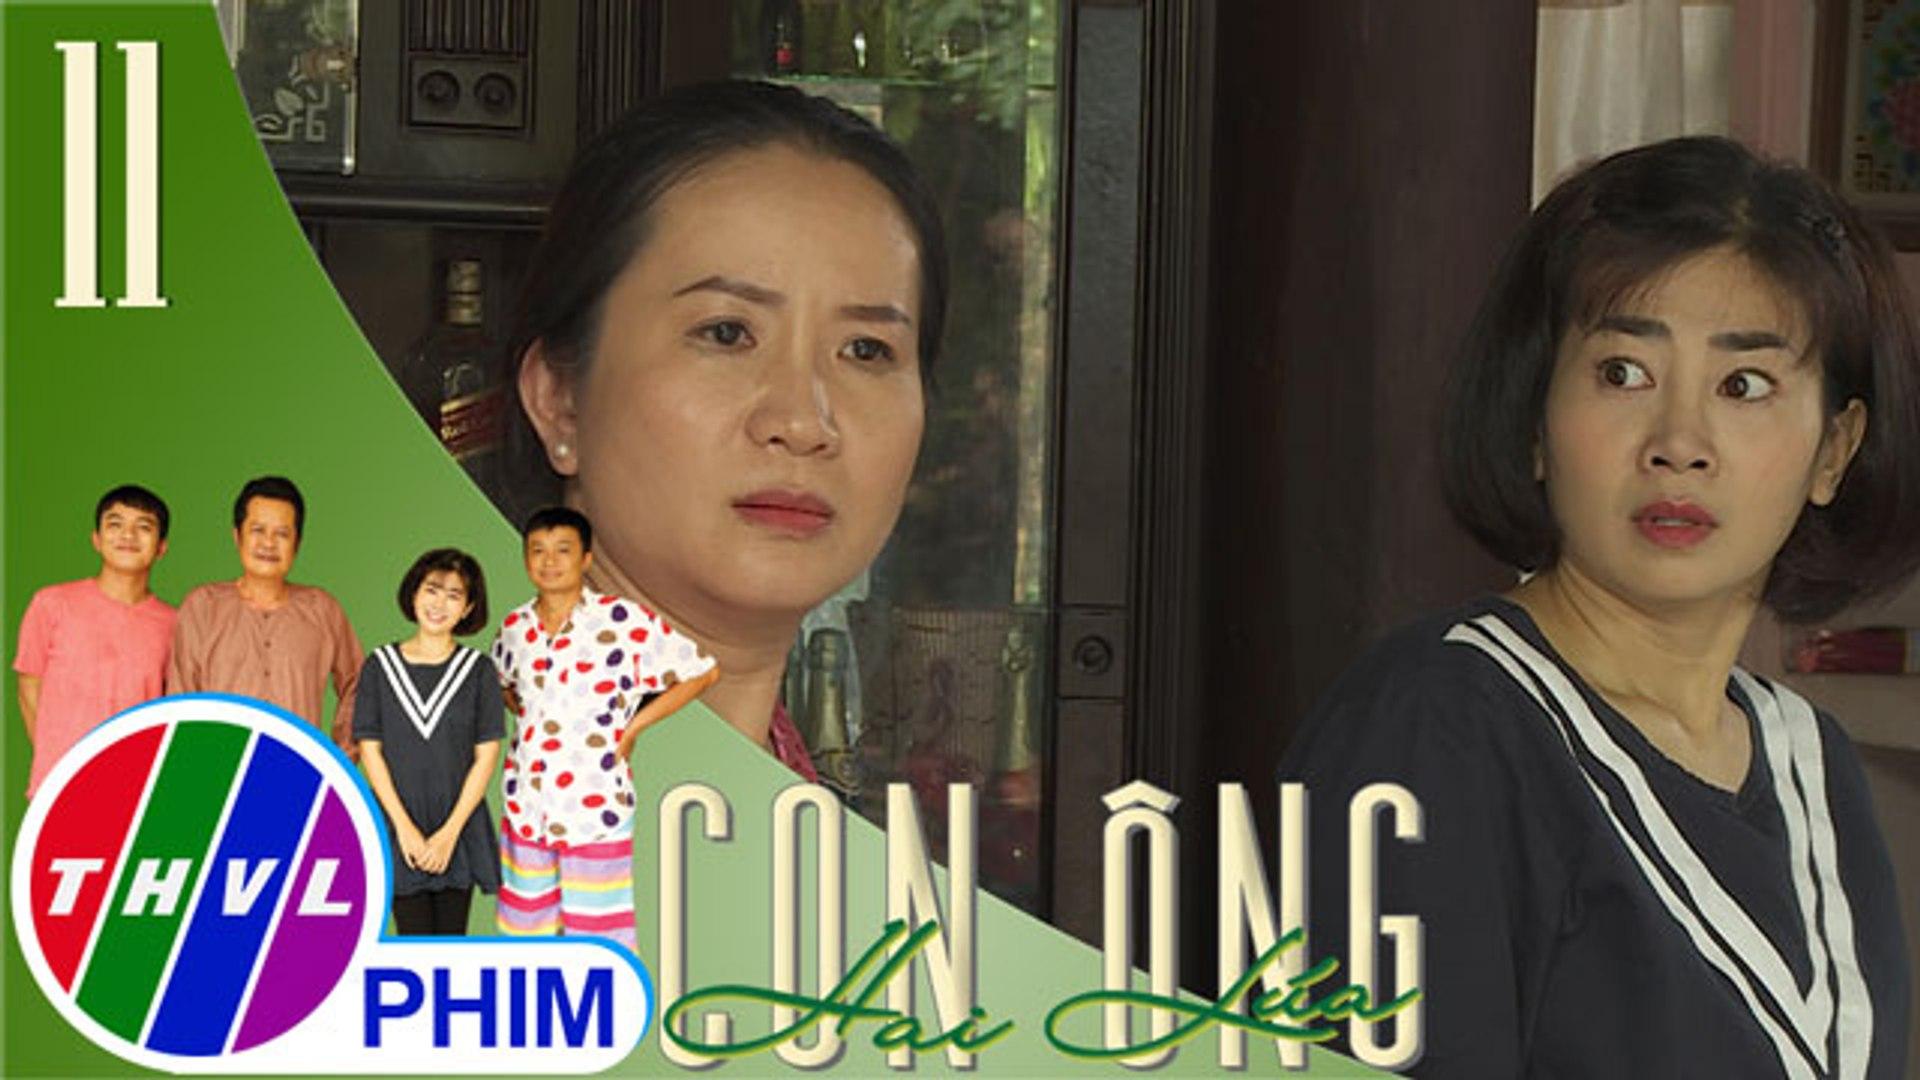 THVL | Con ông Hai Lúa - Tập 11[4]: Kế hoạch giấu chuyện Tám Tàng đi xăm bị đổ bể